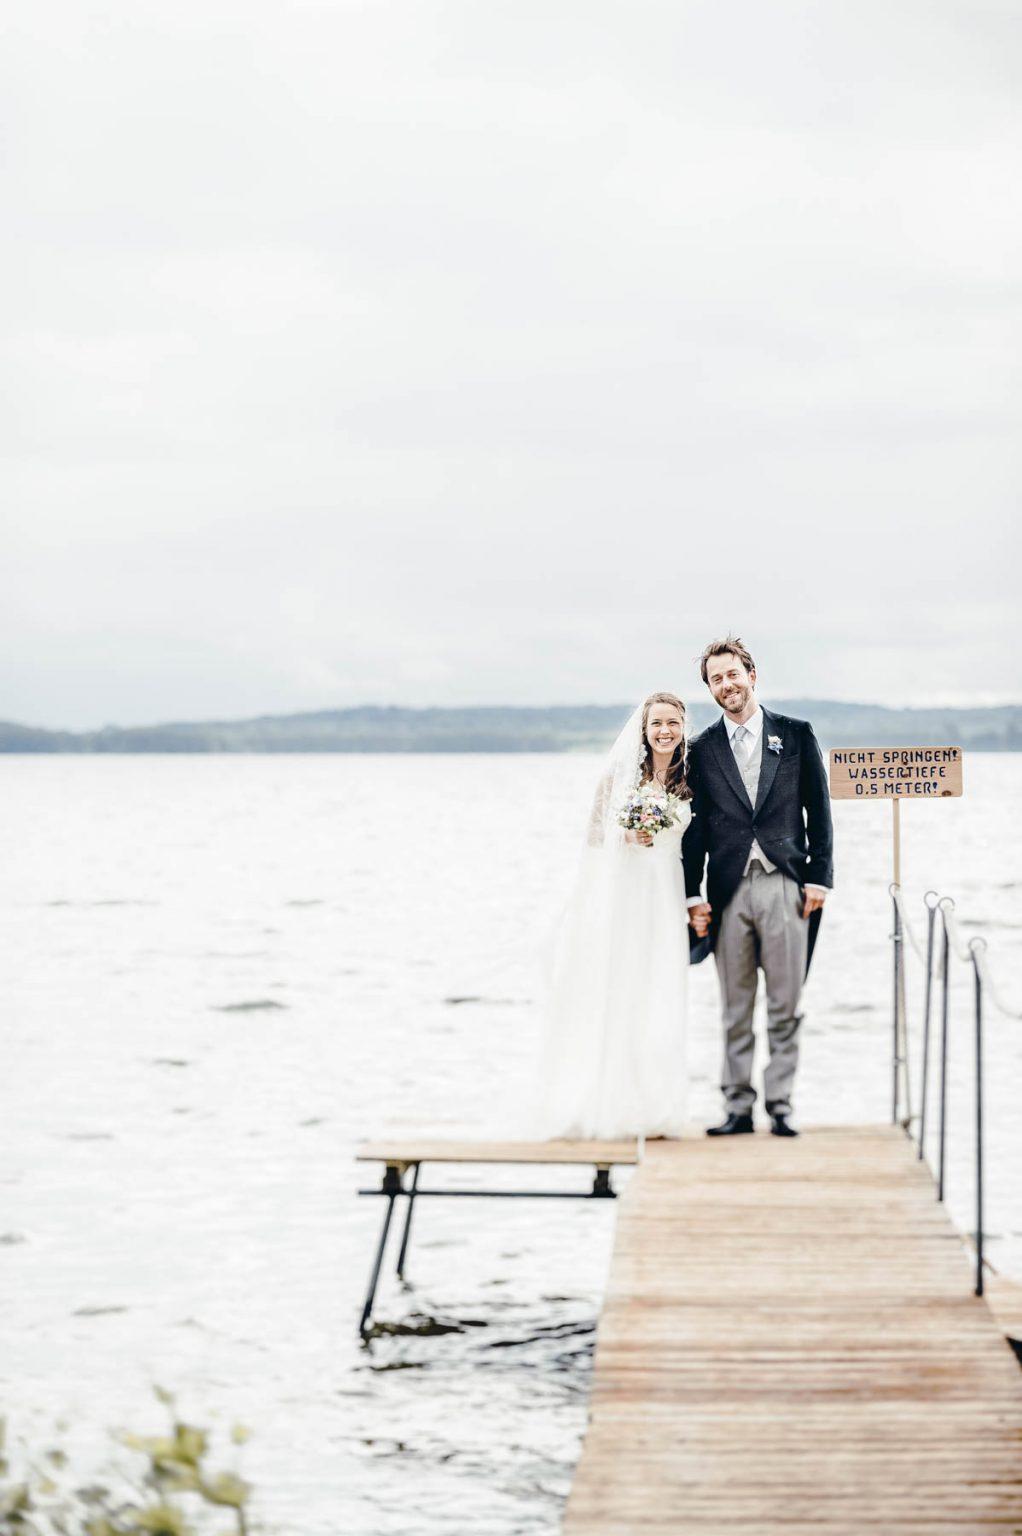 Hochzeitsportrait am See